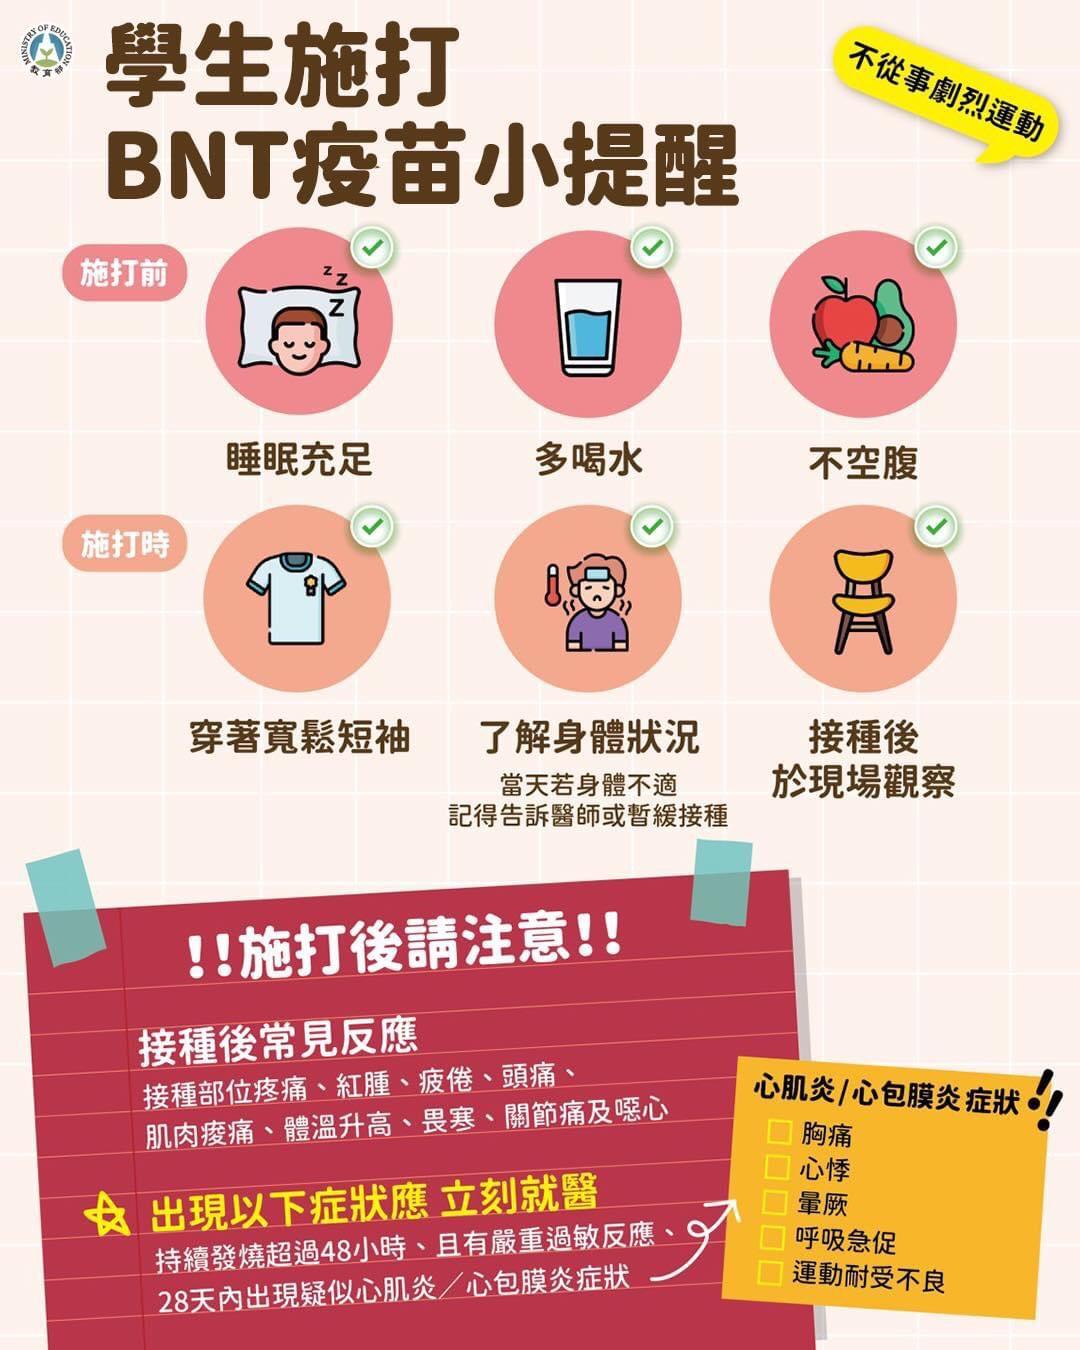 學生施打BNT疫苗小提醒